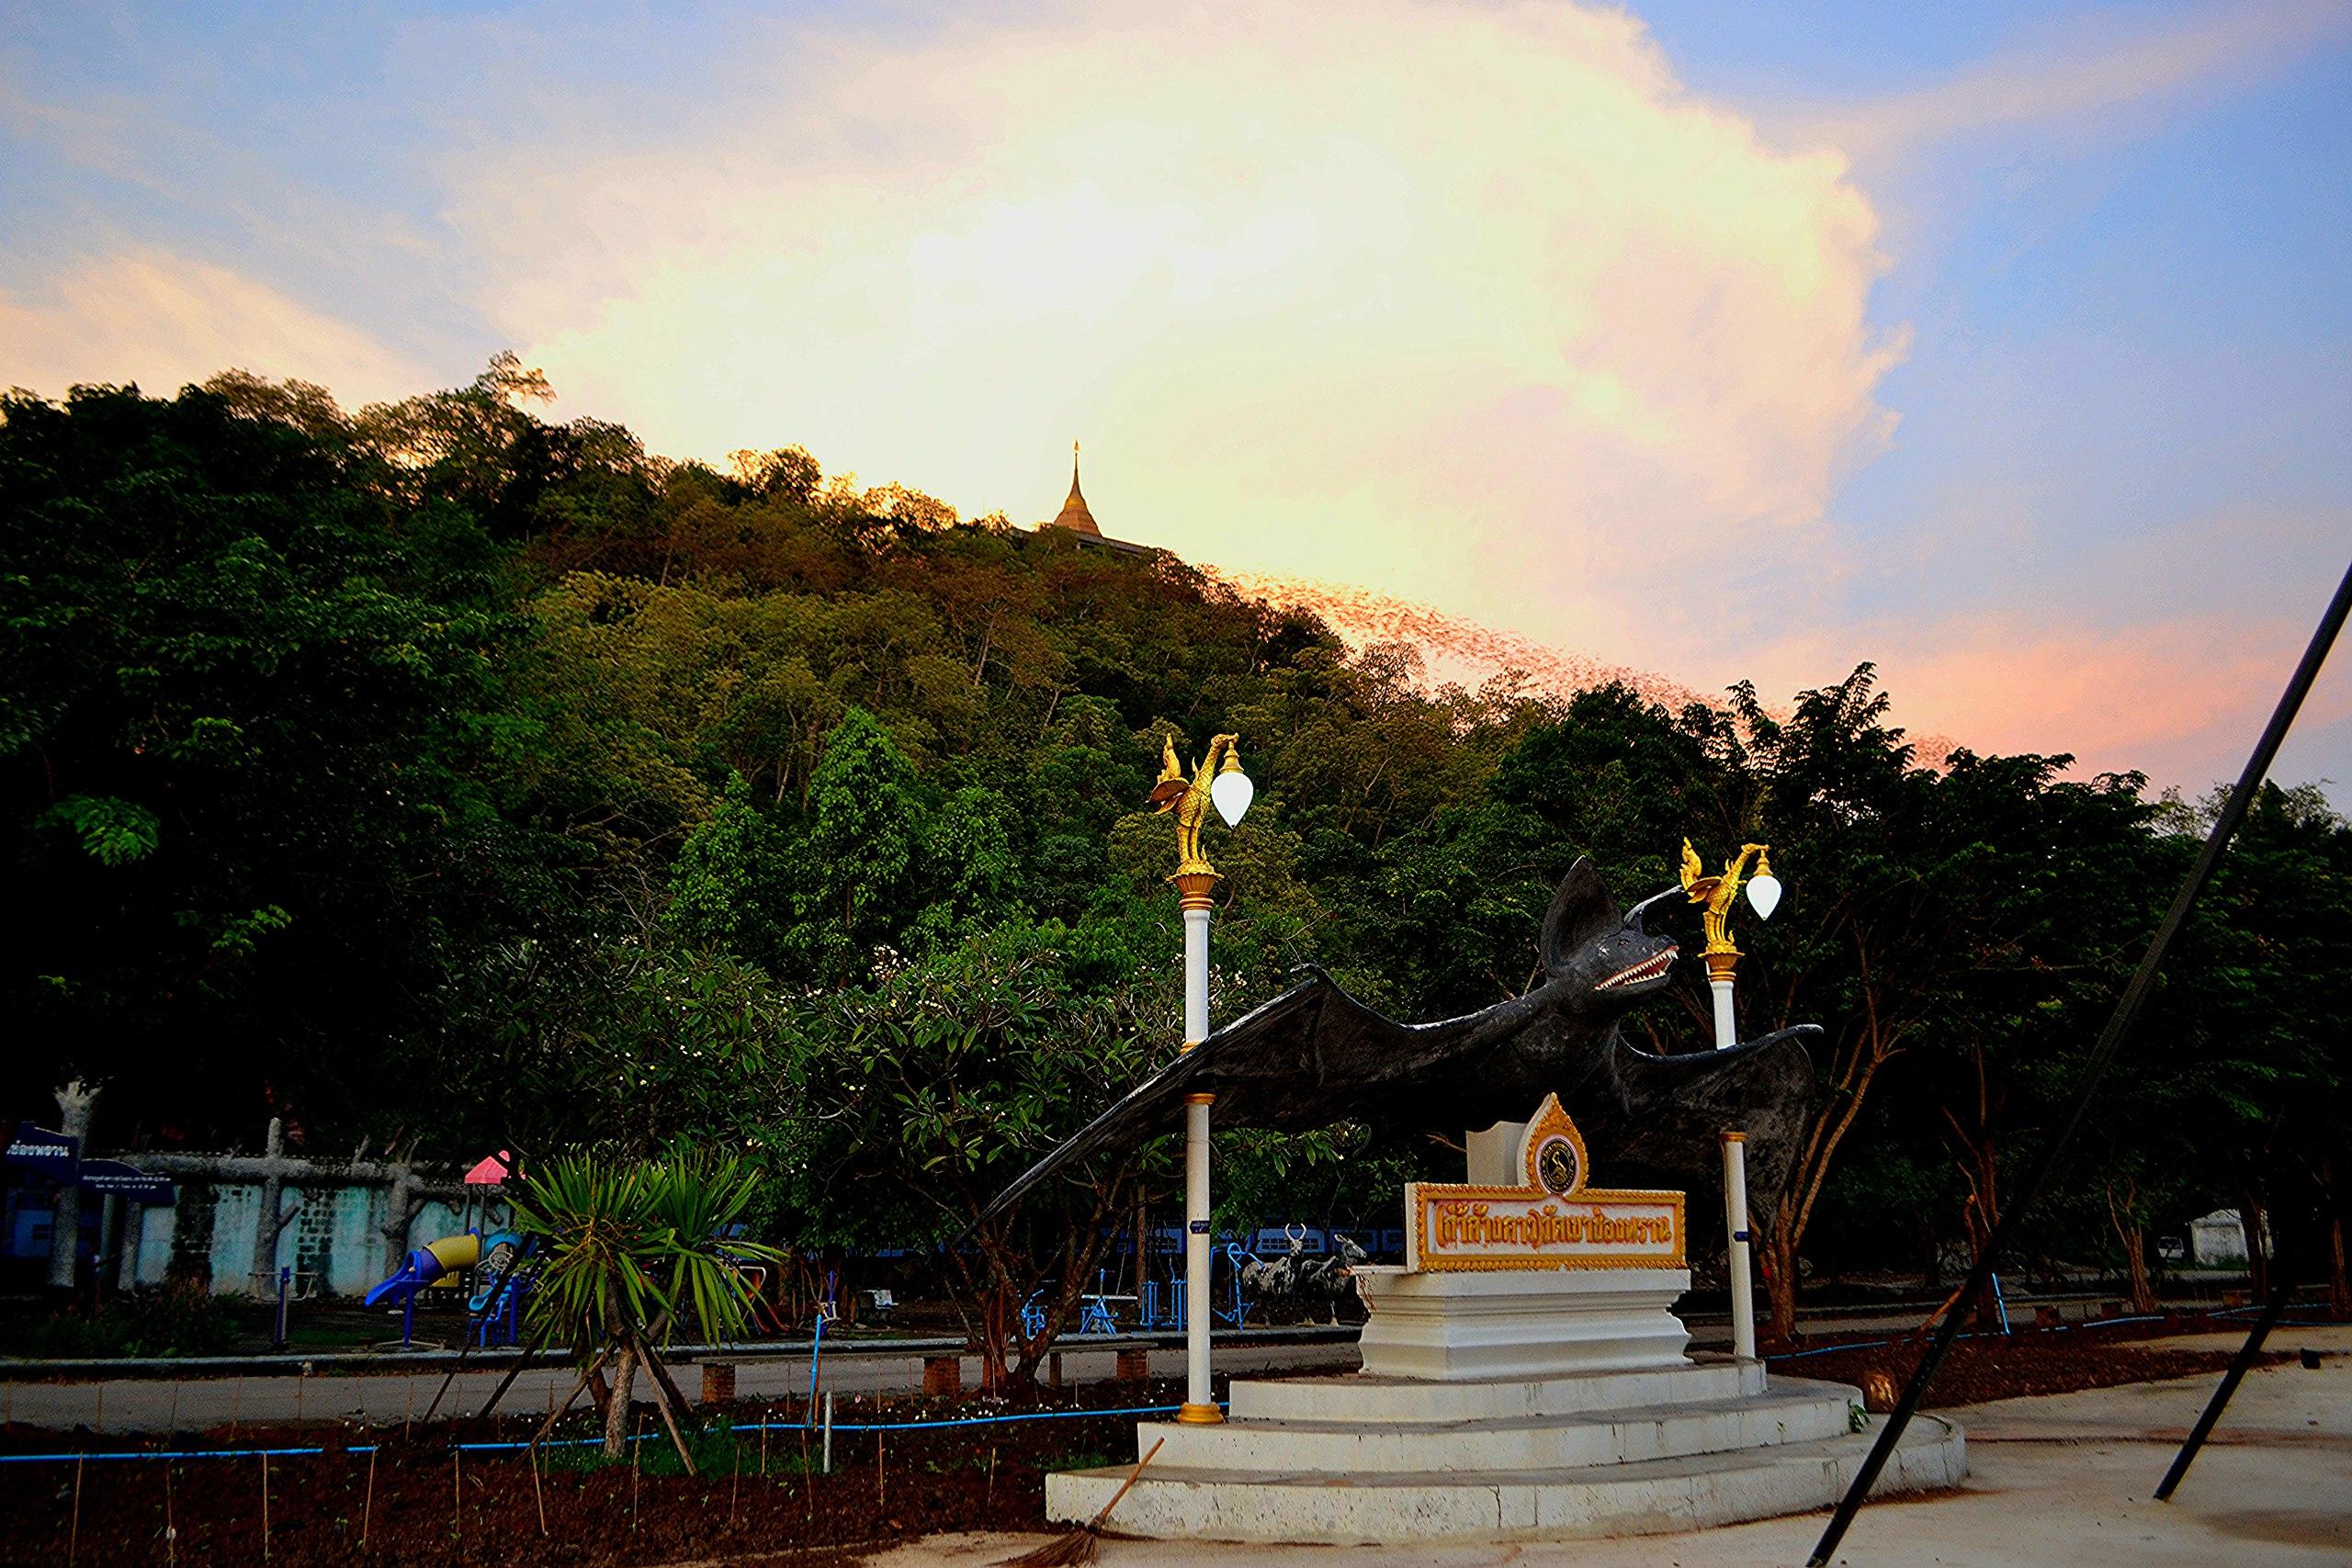 Елена Руденко (Валтея). Таиланд. Таиланд. Paтчaбуpи: Пещера страха, Пещера мышей, Буддийский храм BilsaW8UNlU